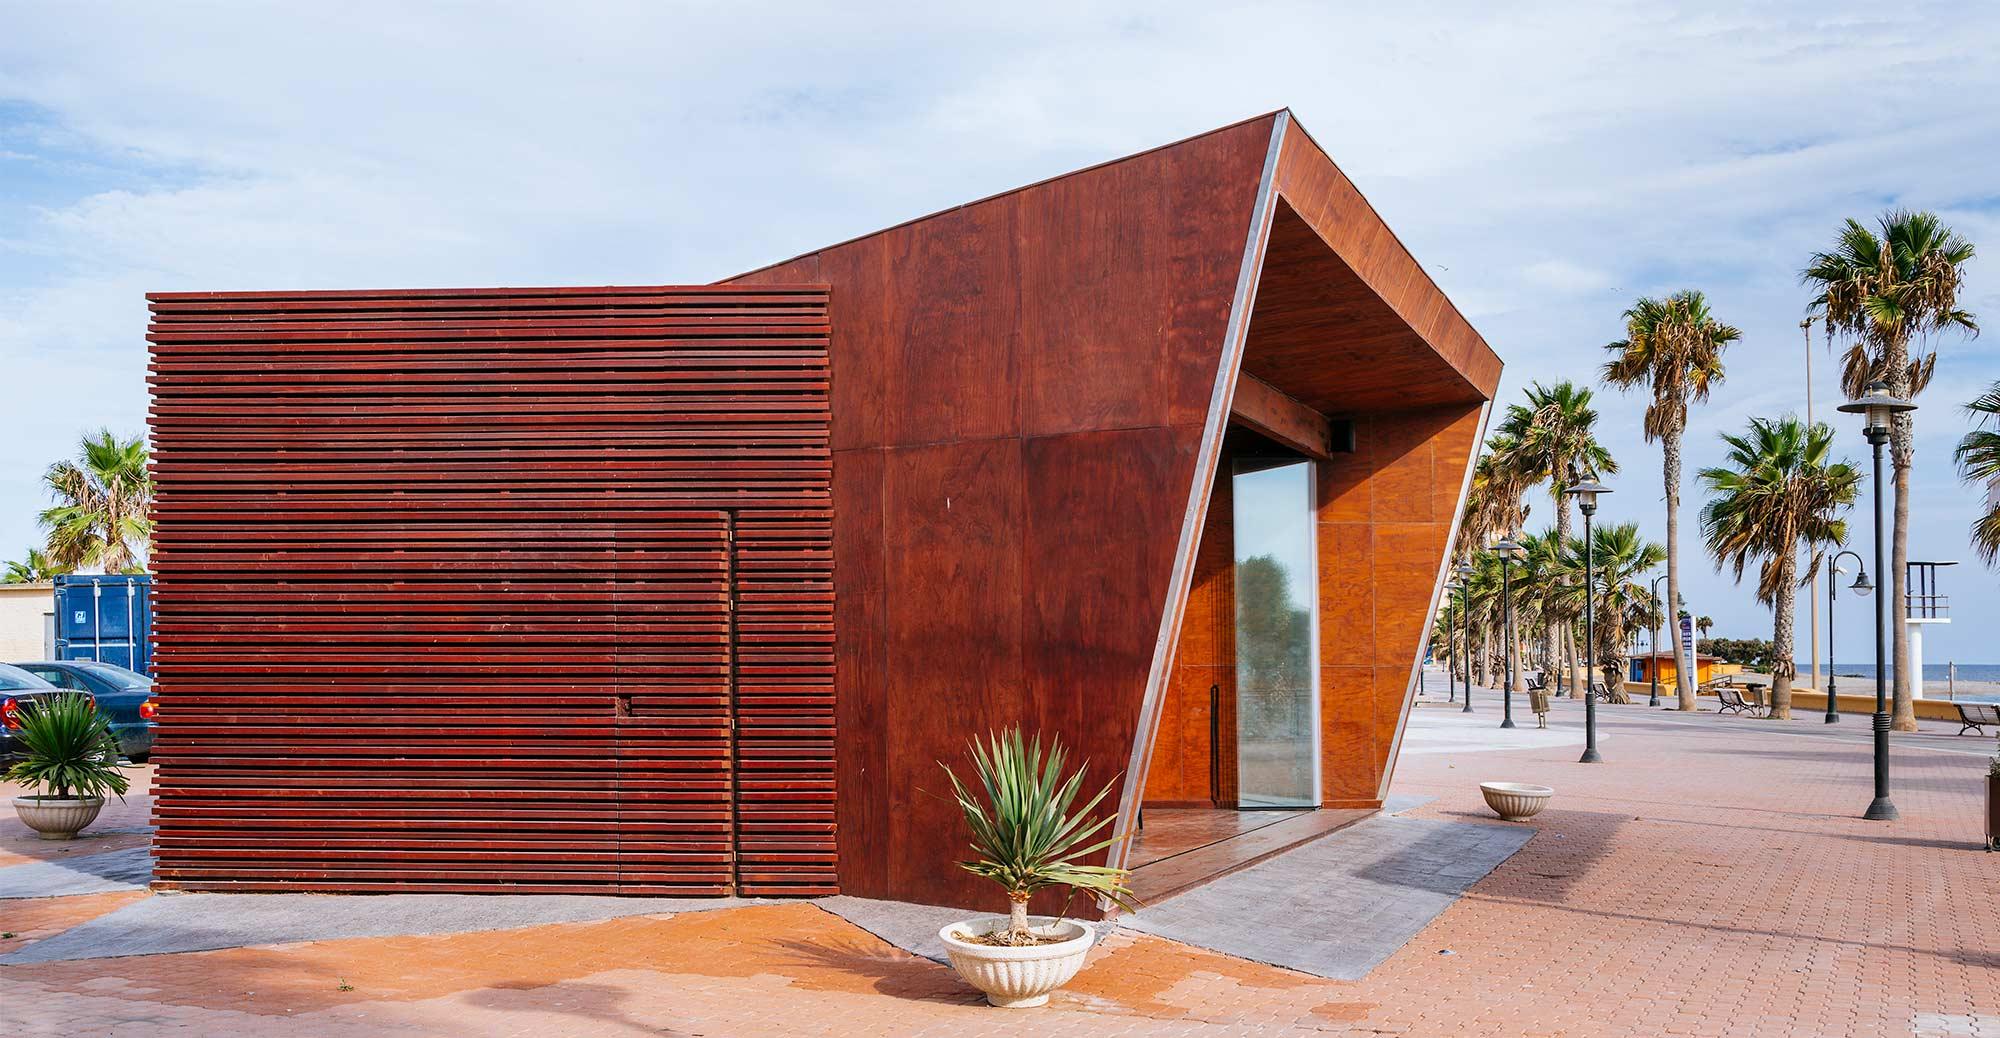 Xiringoscopio_-Adra_-Arquitectura-_-EXarchitects_09